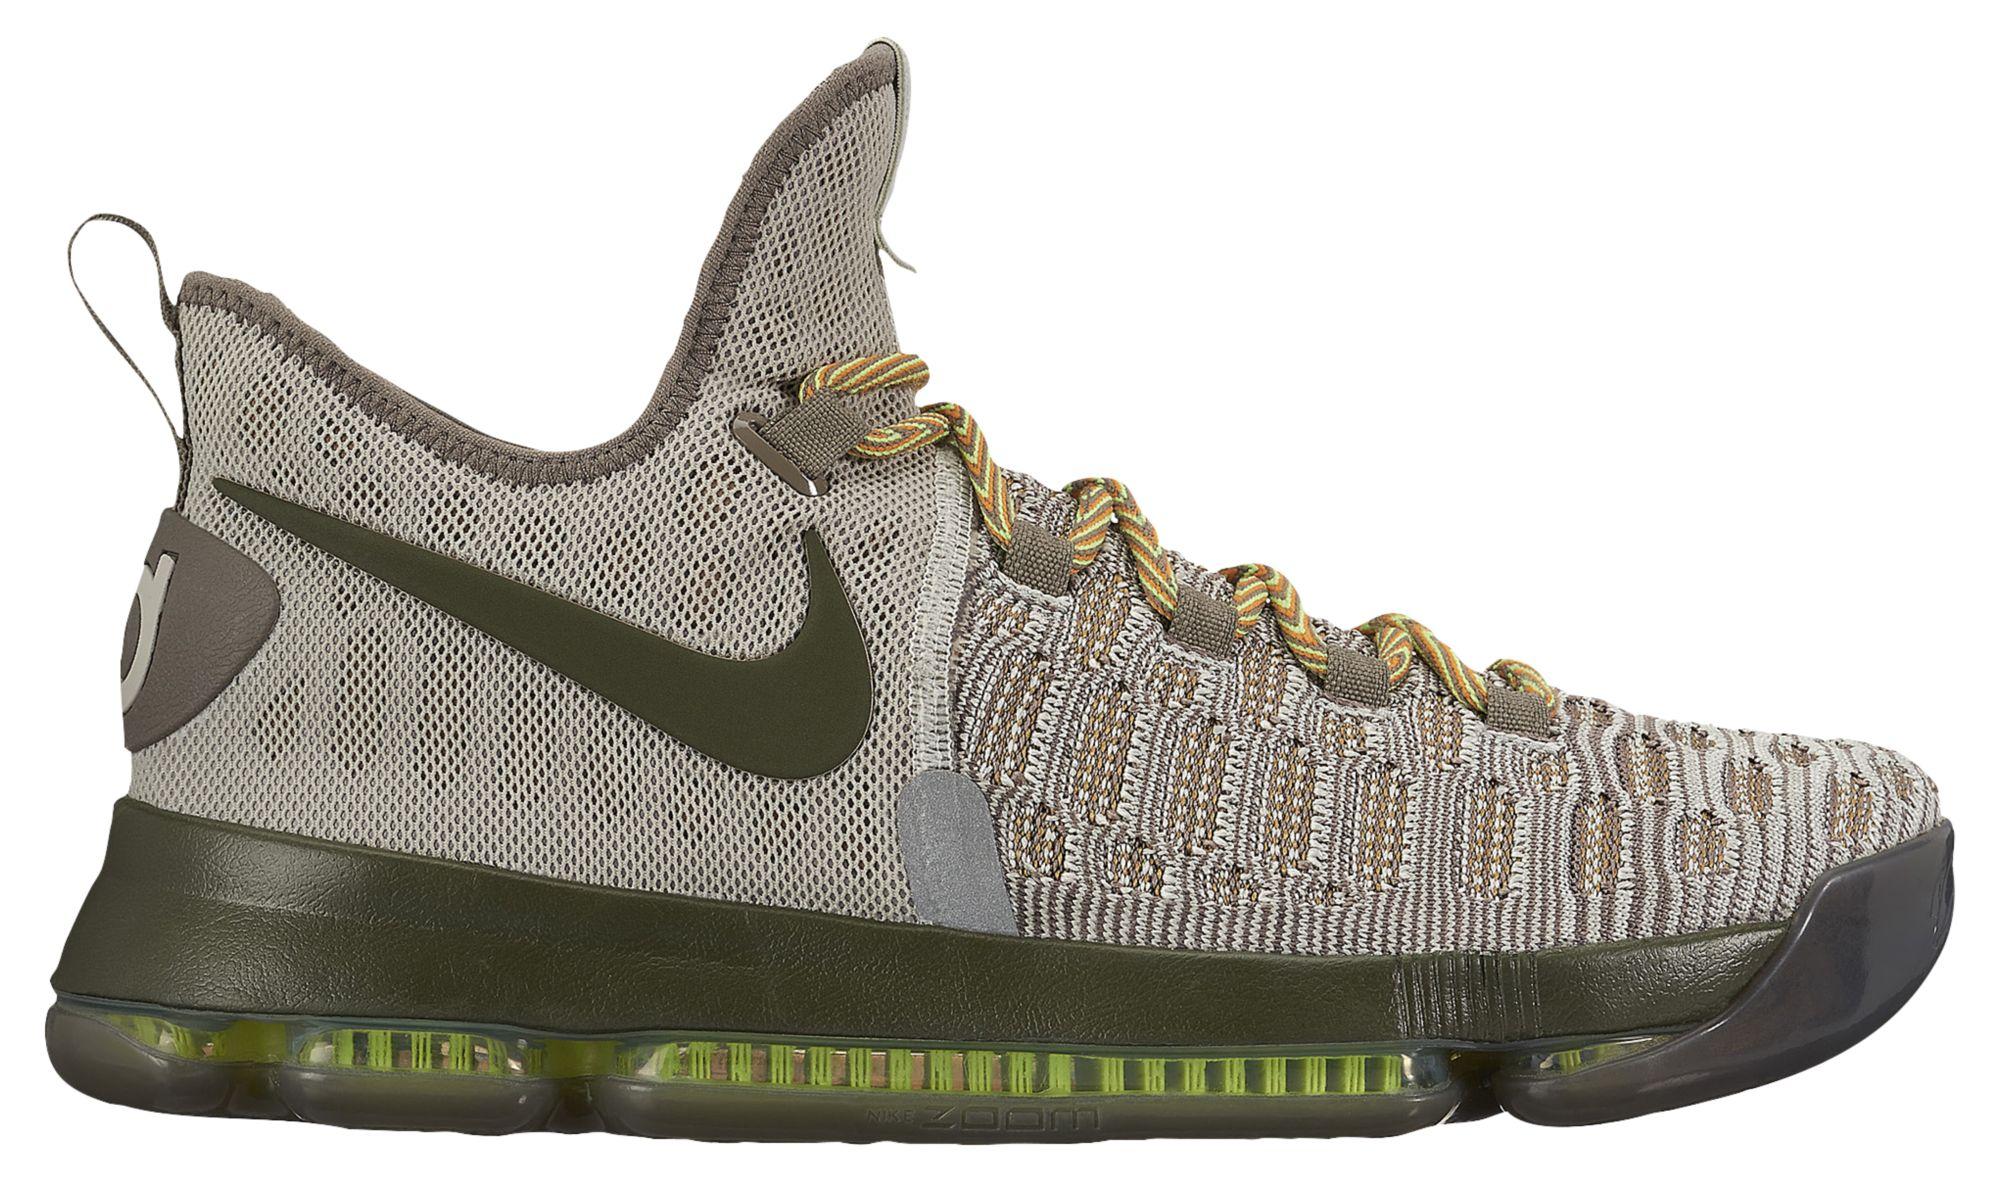 Nike KD 9 Cargo Green Release Date 843392-033